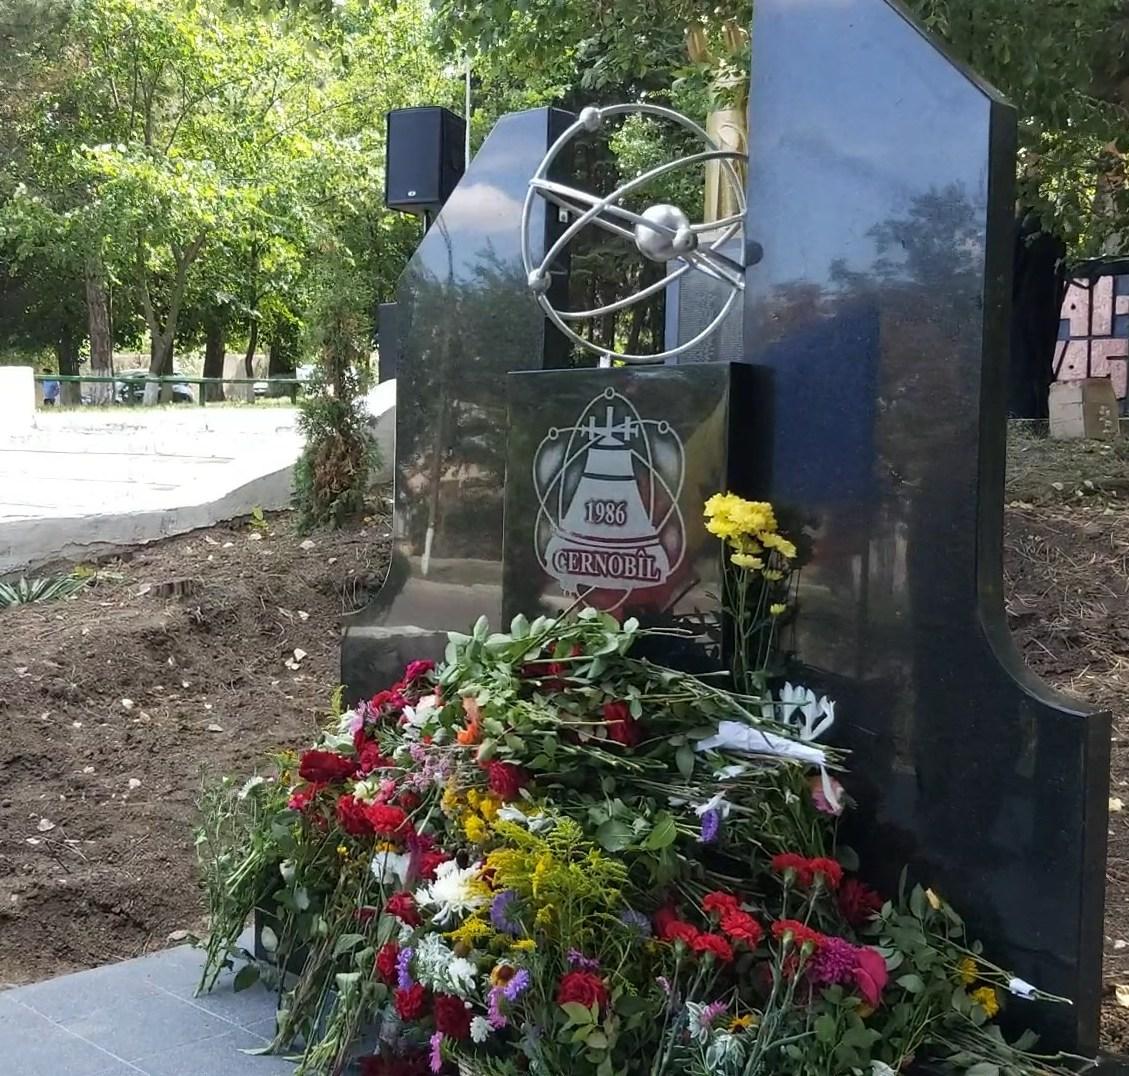 Să nu mai admitem vreun Cernobâl